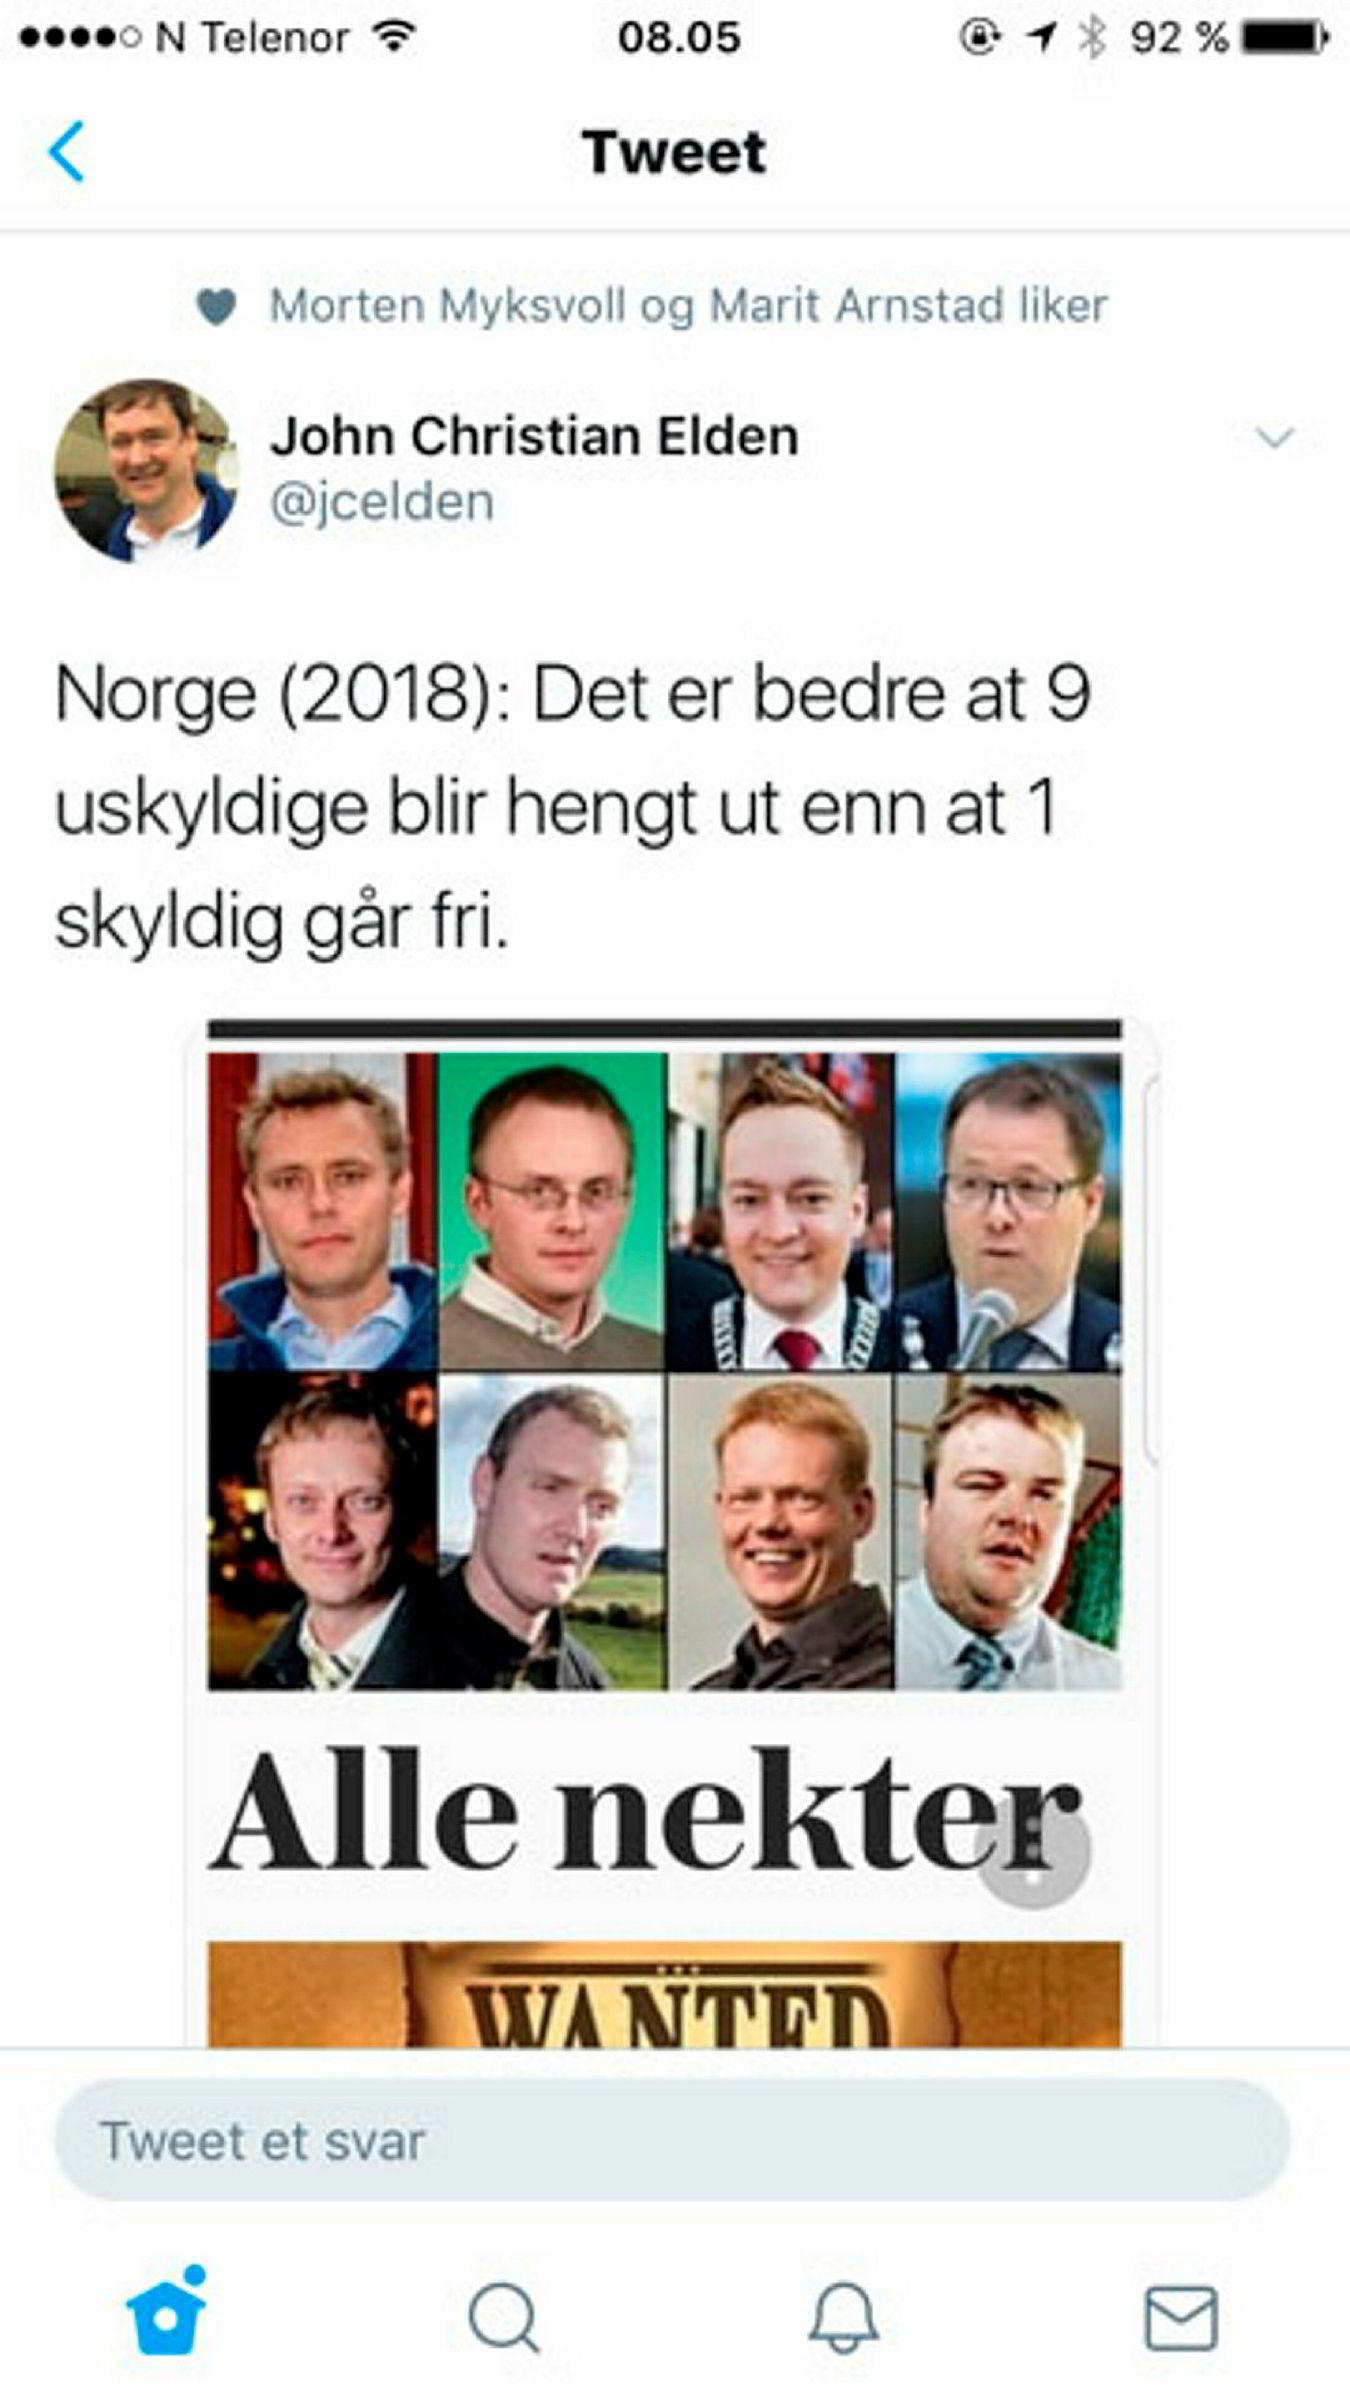 Skjermdumpen viser at Senterpartiets parlamentariske leder, Marit Arnstad, likte Twitter-meldingen fra Elden tidligere. Den andre som liker på bildet er Bergens Tidende-kommentator Morten Myksvoll.